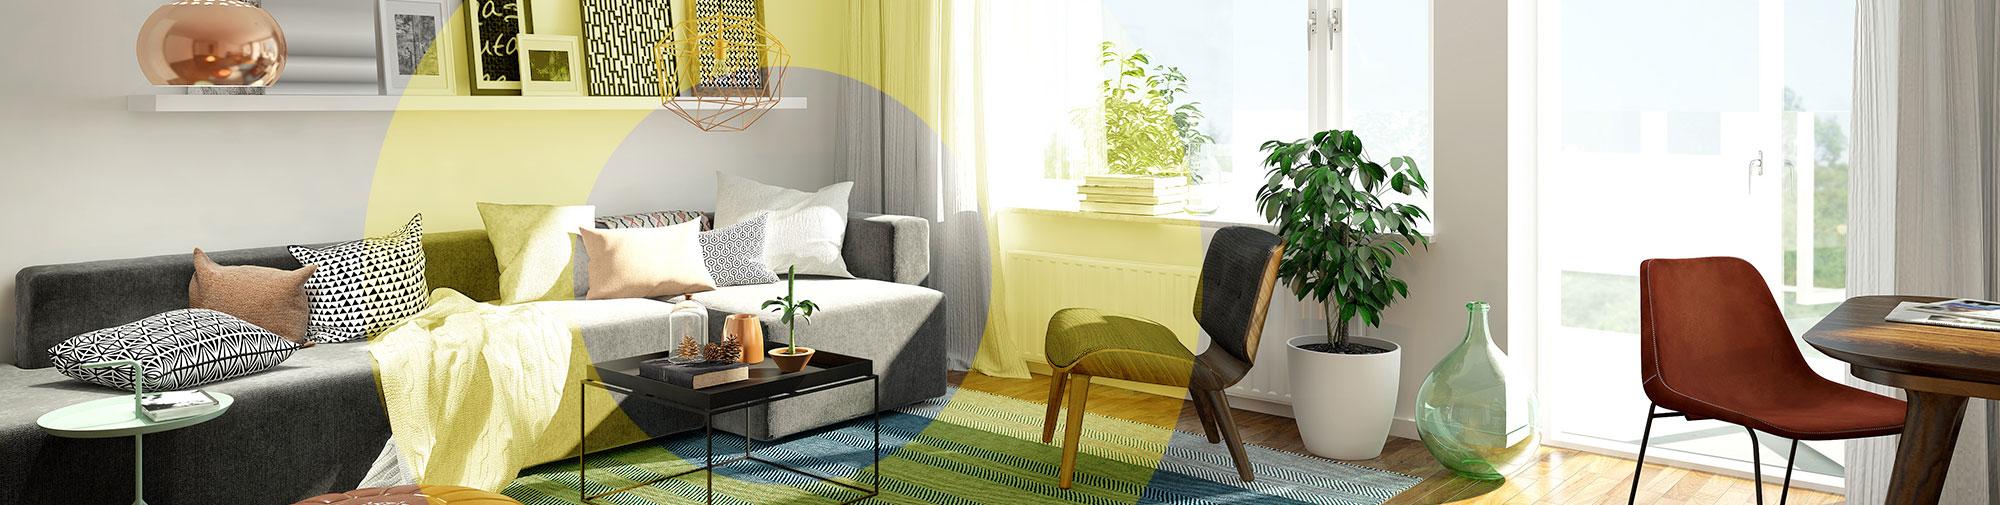 direct energie lu service client de l ann e direct energie. Black Bedroom Furniture Sets. Home Design Ideas